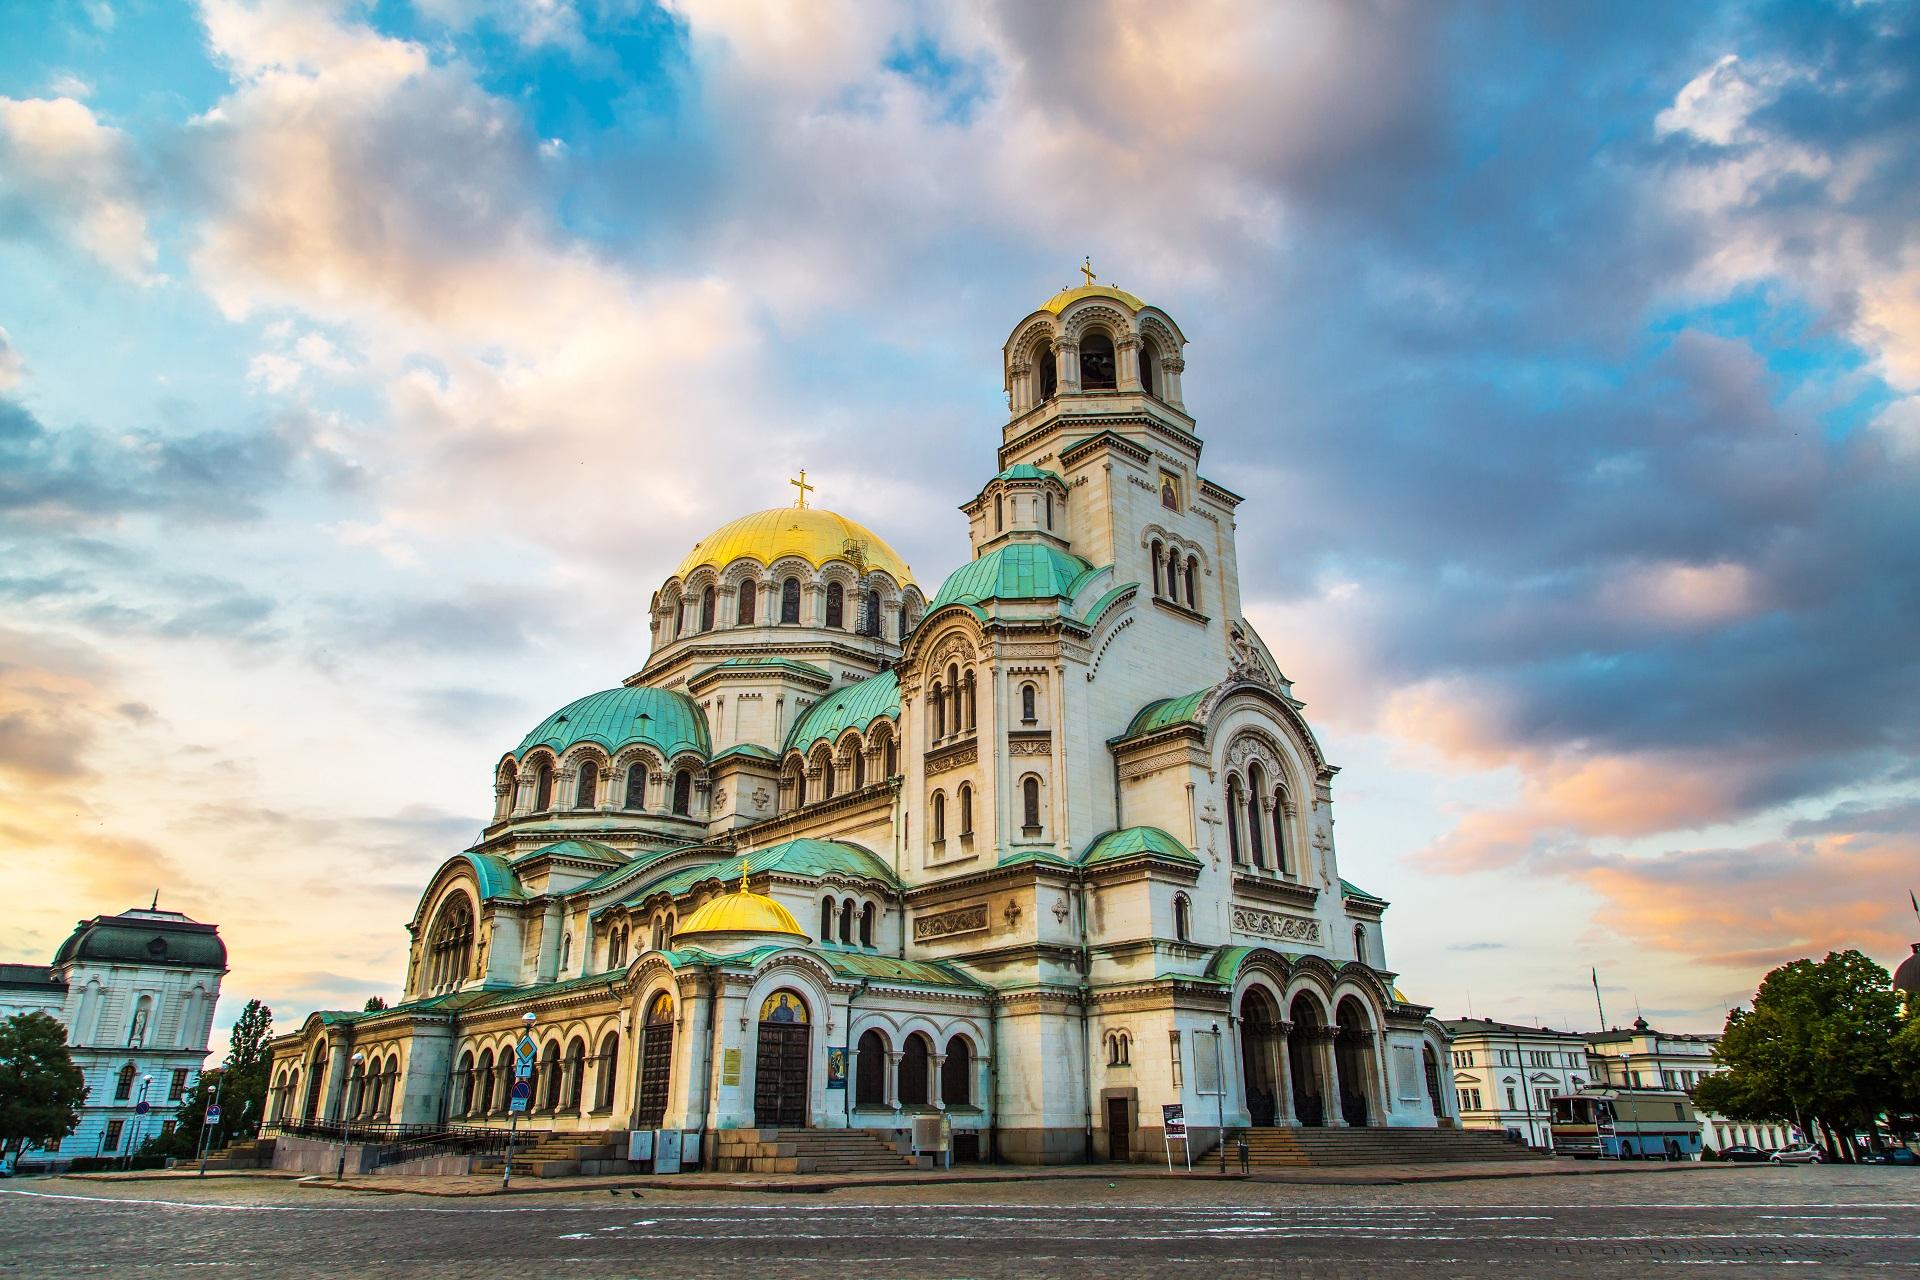 Günstige Hotel Übernachtungen z.B. 1 Nacht im 3* Hotel in Bulgarien für 1€ (Penny Reisen)